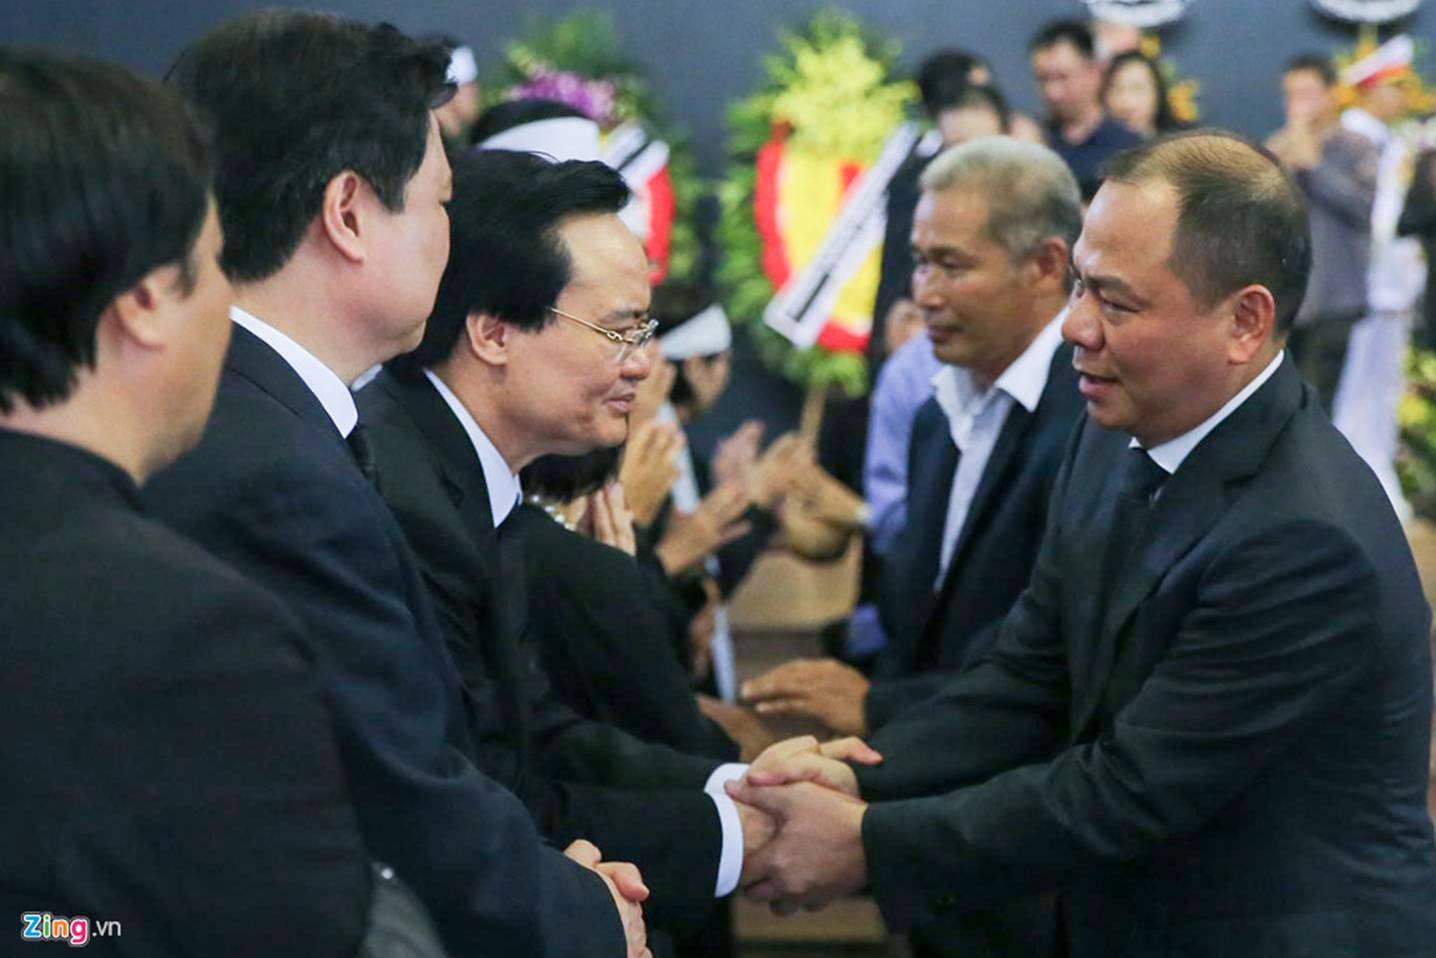 Dòng người tiễn biệt Thứ trưởng GD&ĐT Lê Hải An-14